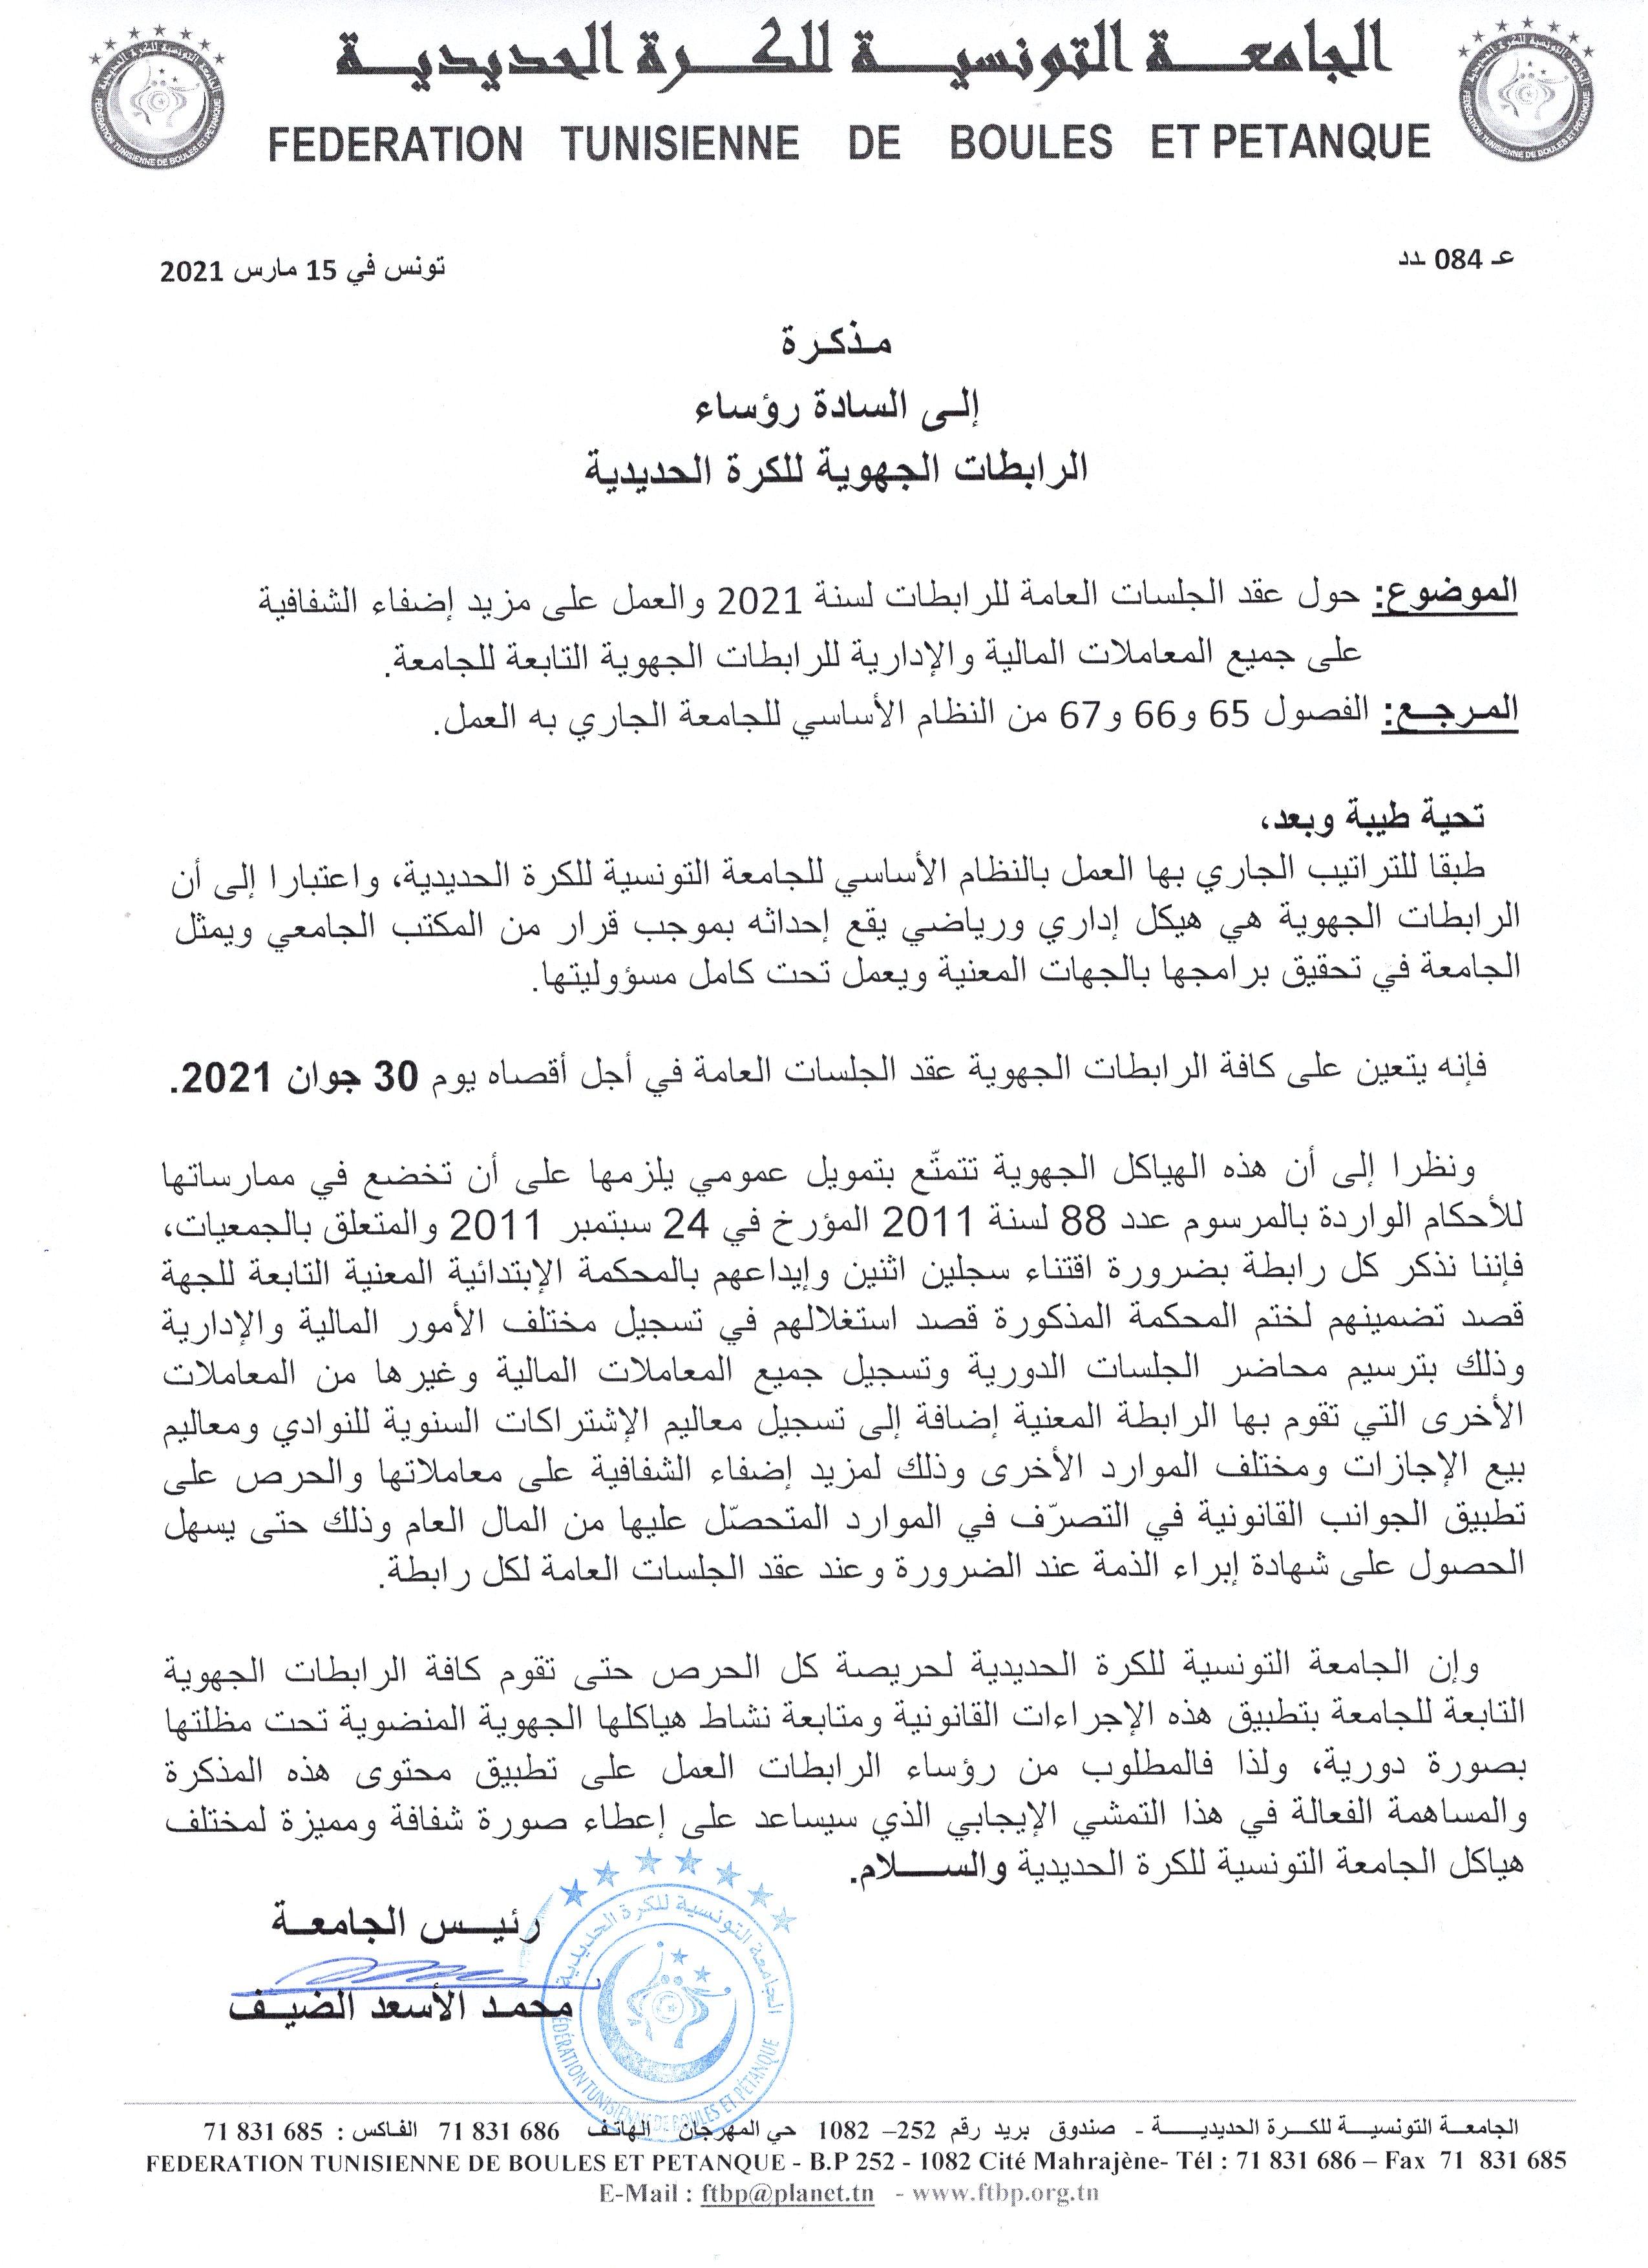 مذكرة حول الجلسات العامة للرابطات